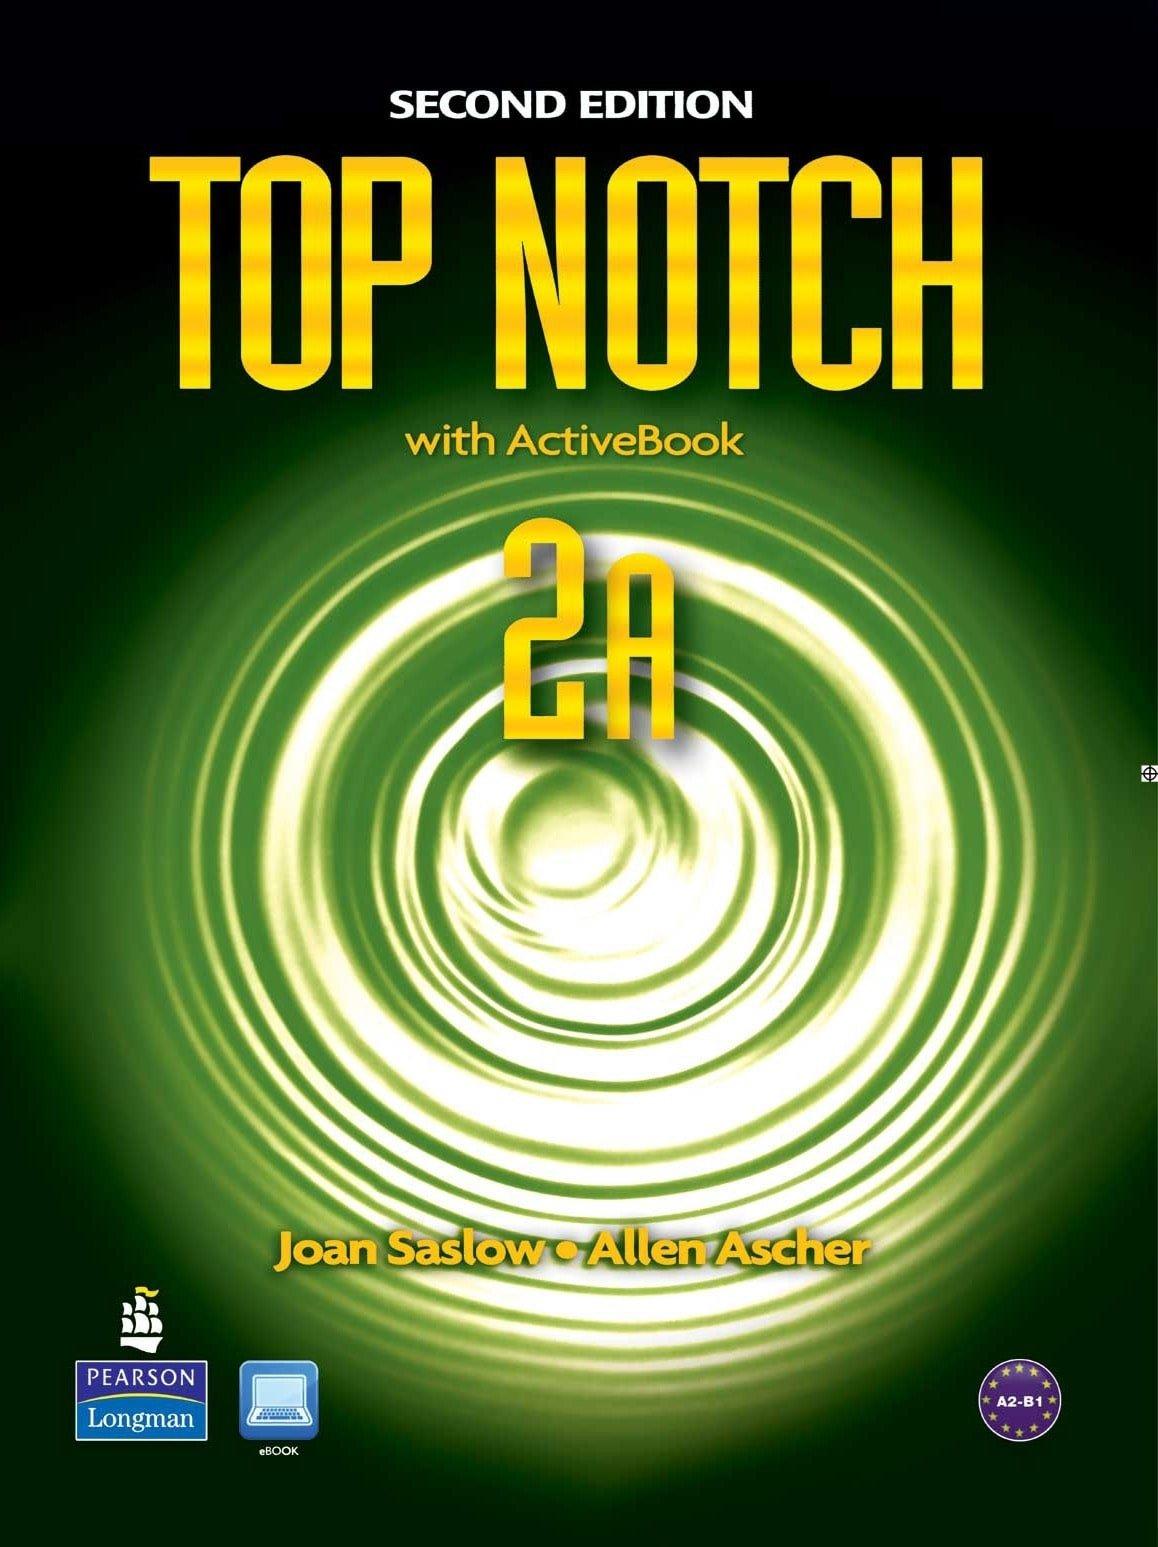 Pi 1 - top notch 2A part 1